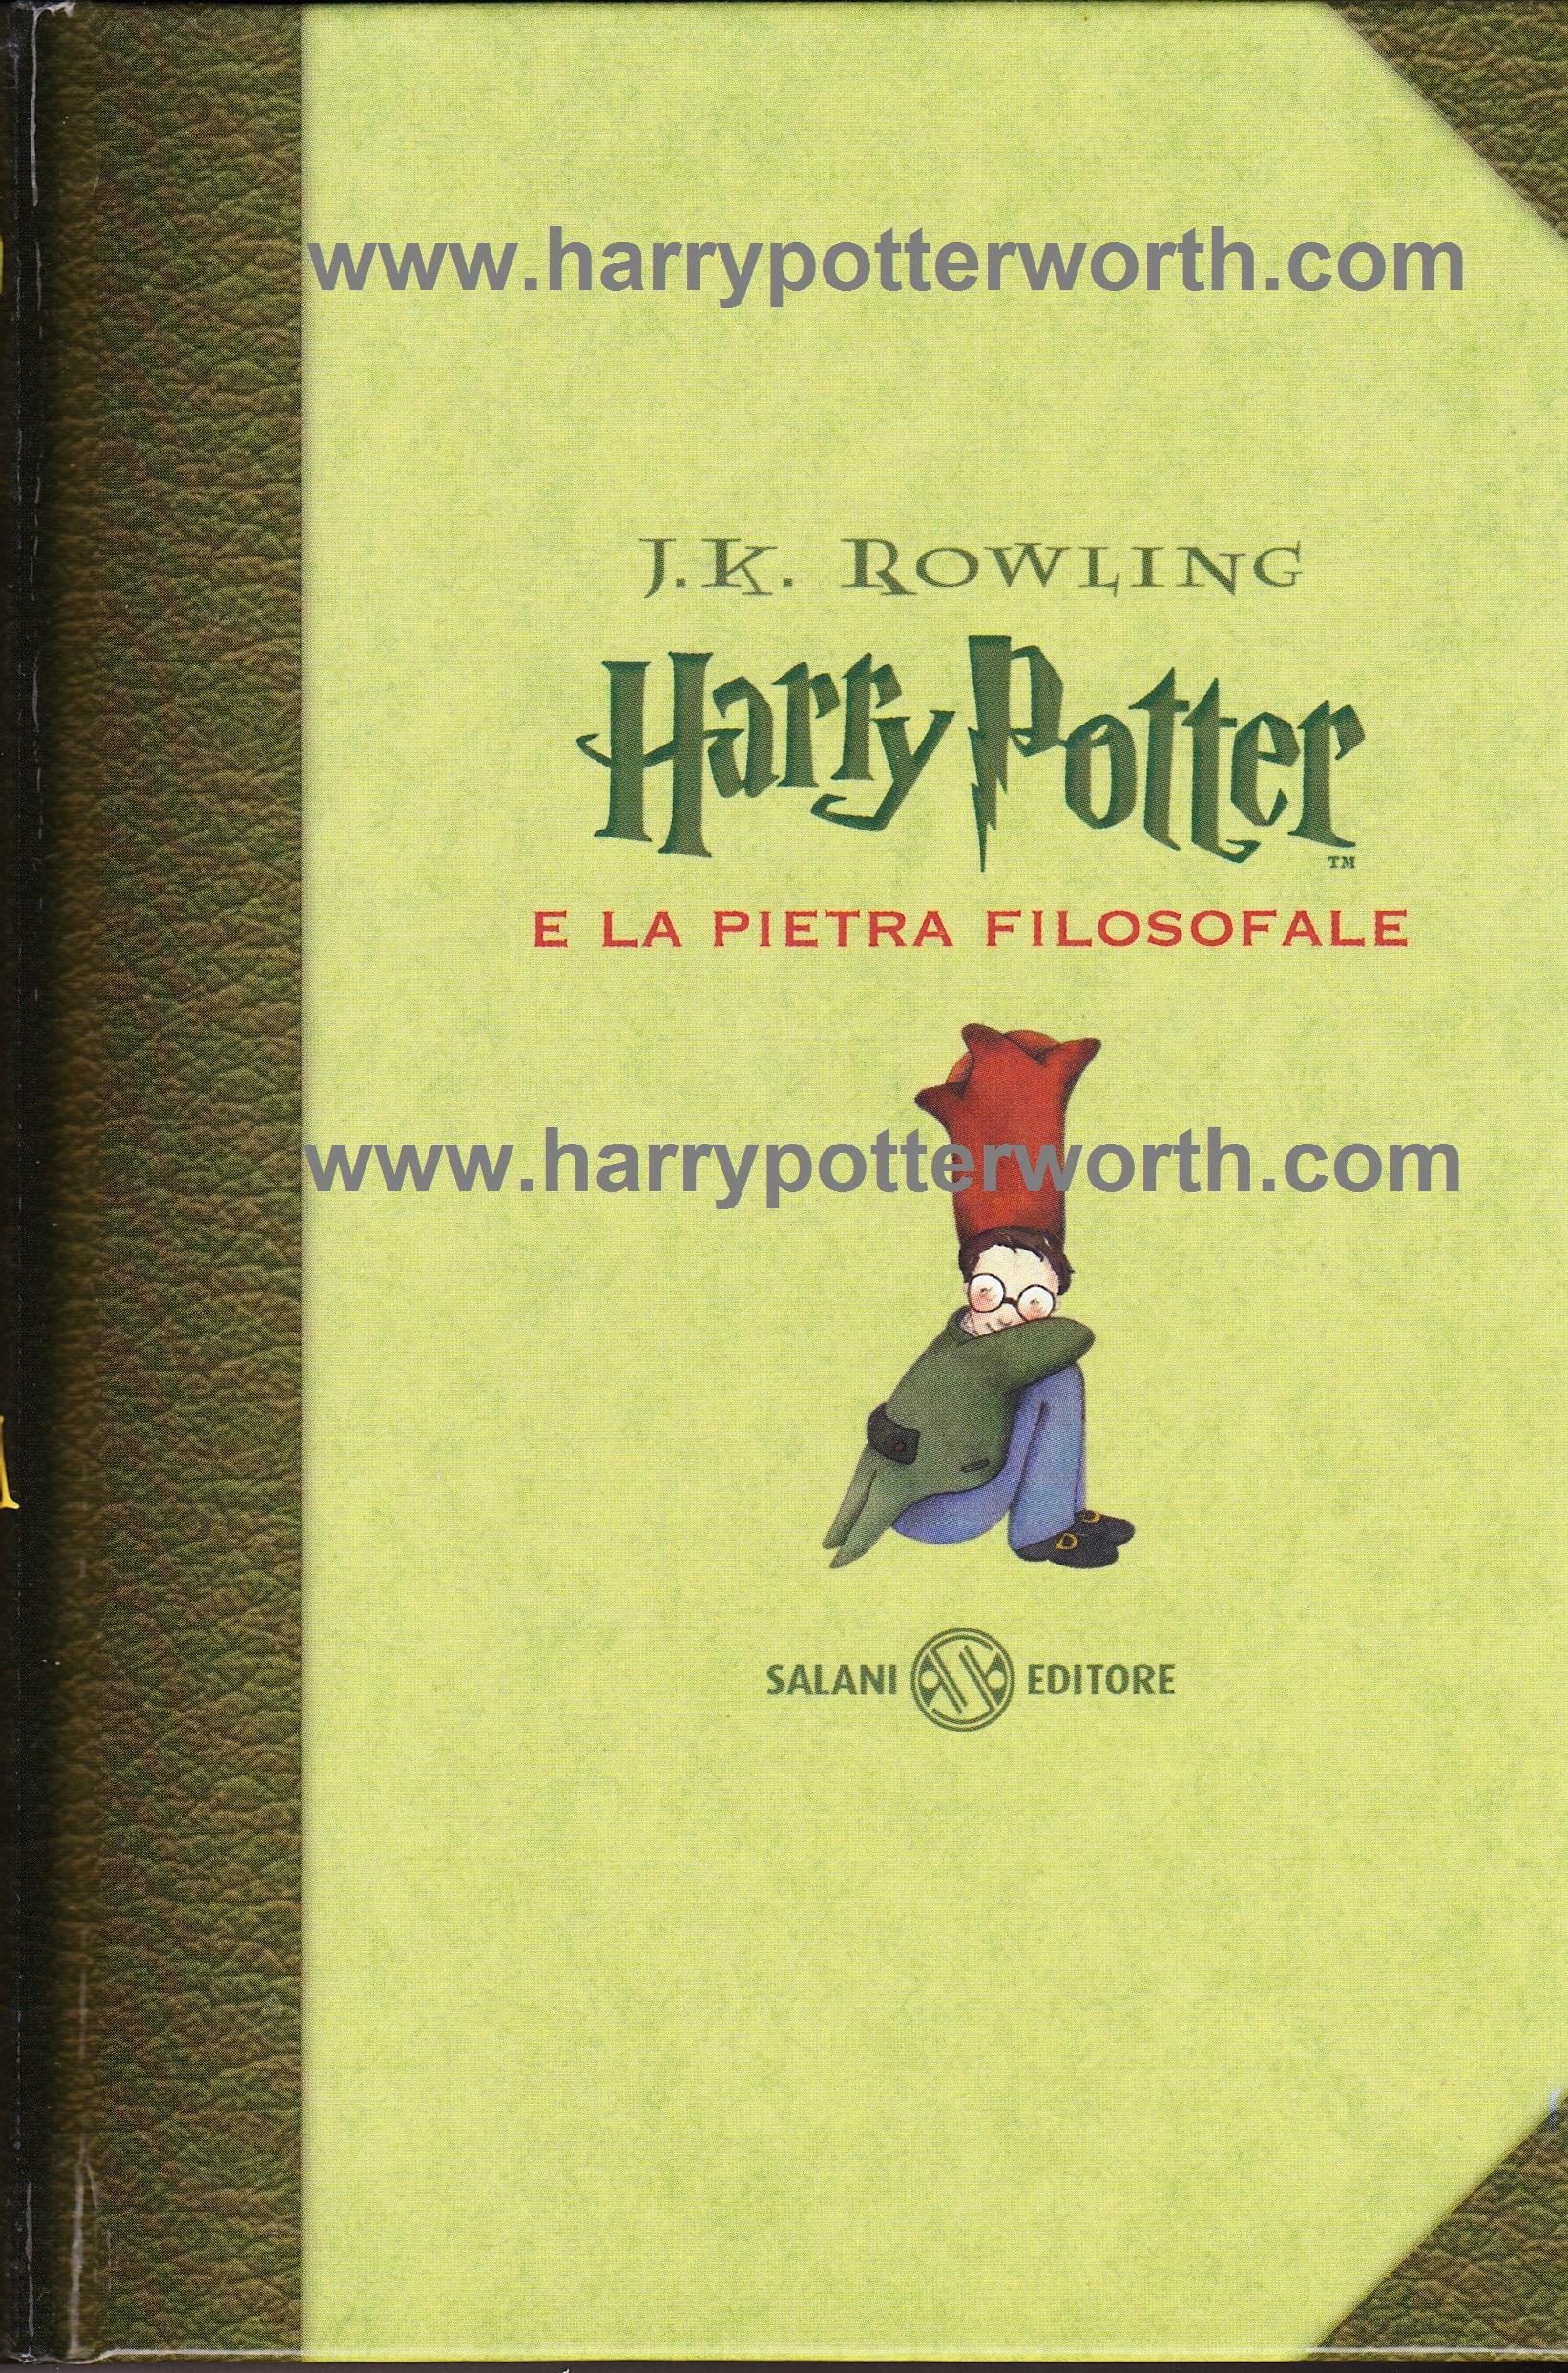 Harry Potter e la Pietra Filosofale Edizione Motto Hogwarts 2007 - Fronte